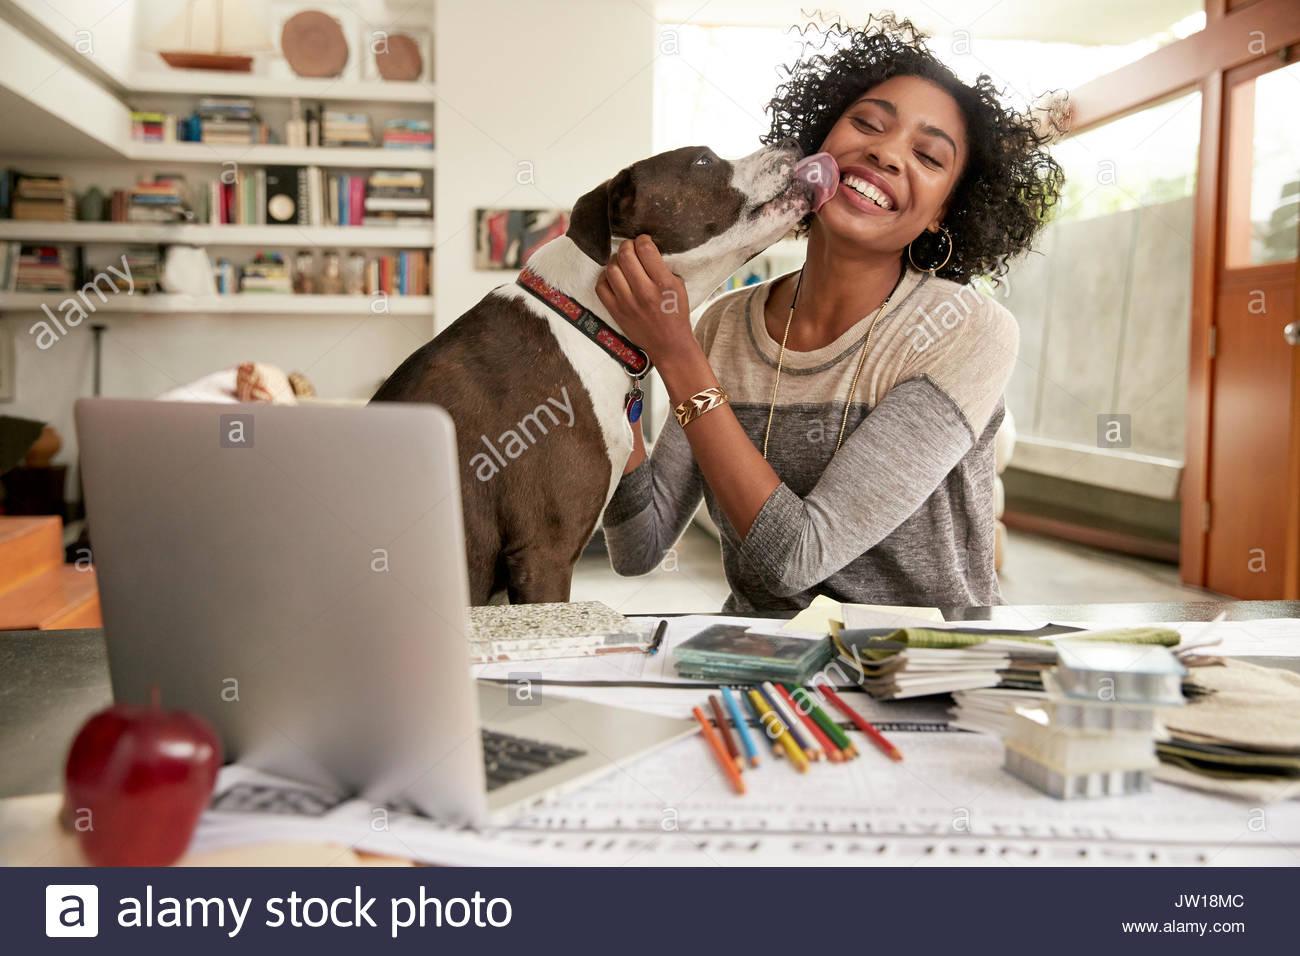 Cane leccare volto femminile di interior designer che lavora a casa scrivania in ufficio Immagini Stock